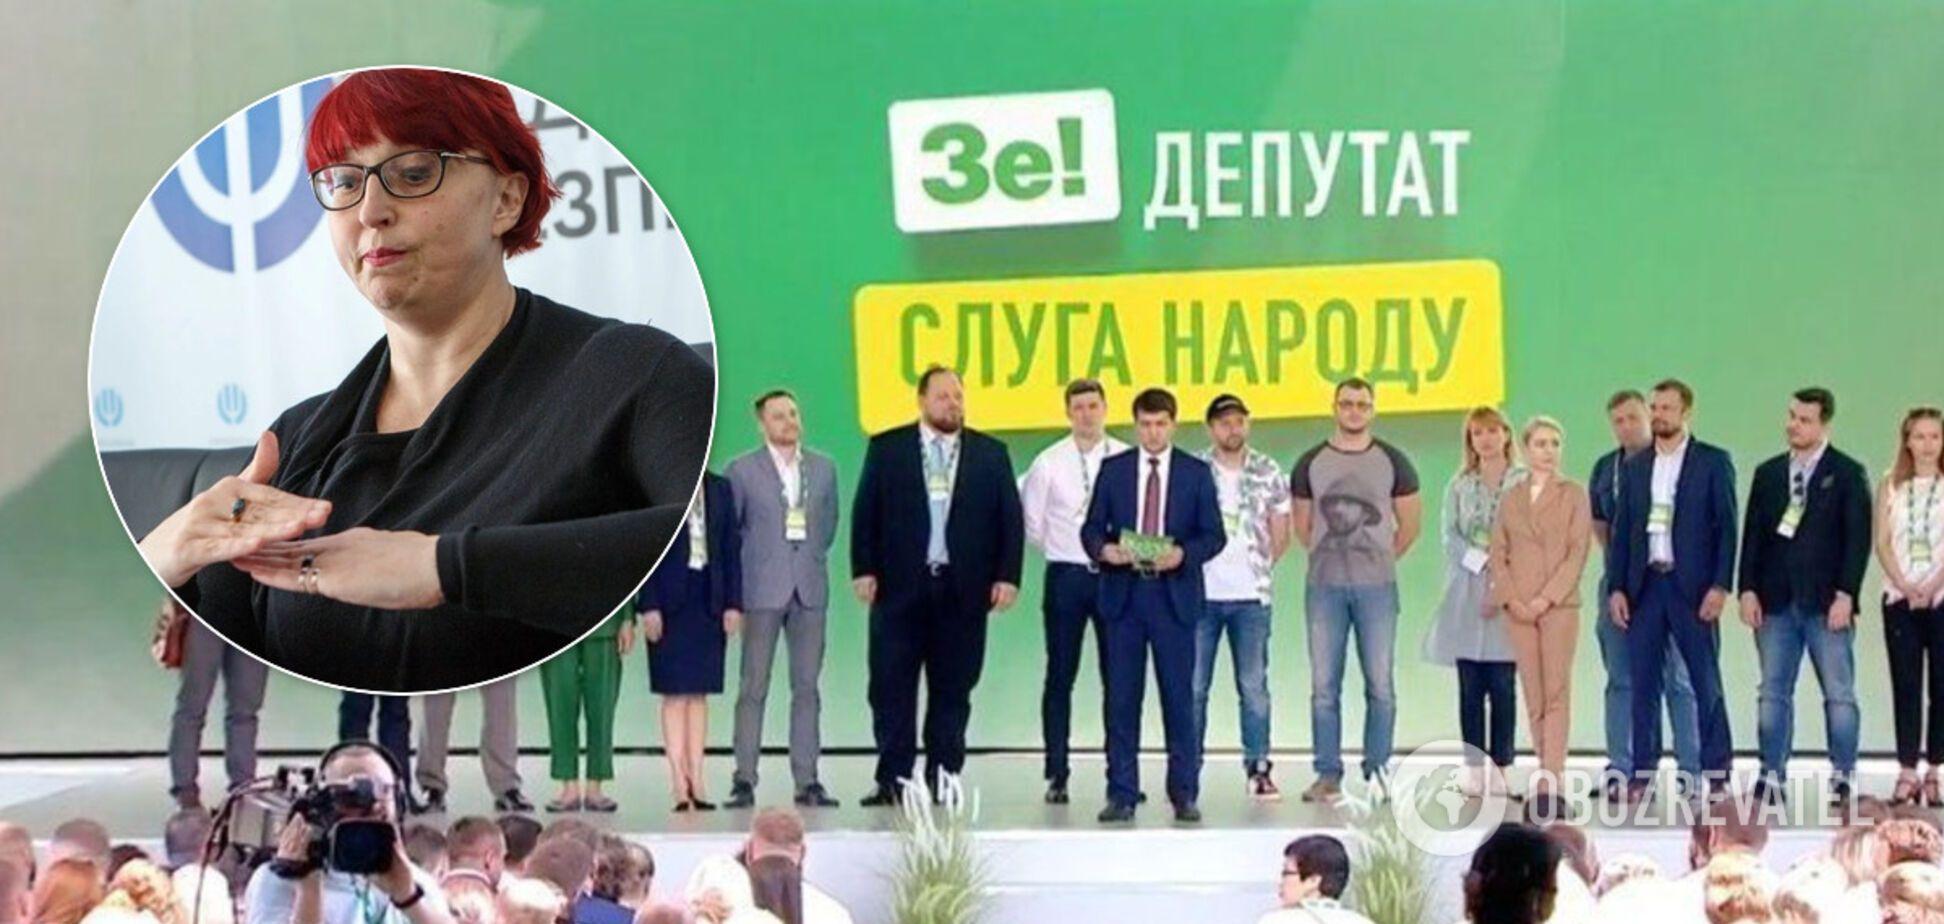 'Слуга народу' и Третьякова